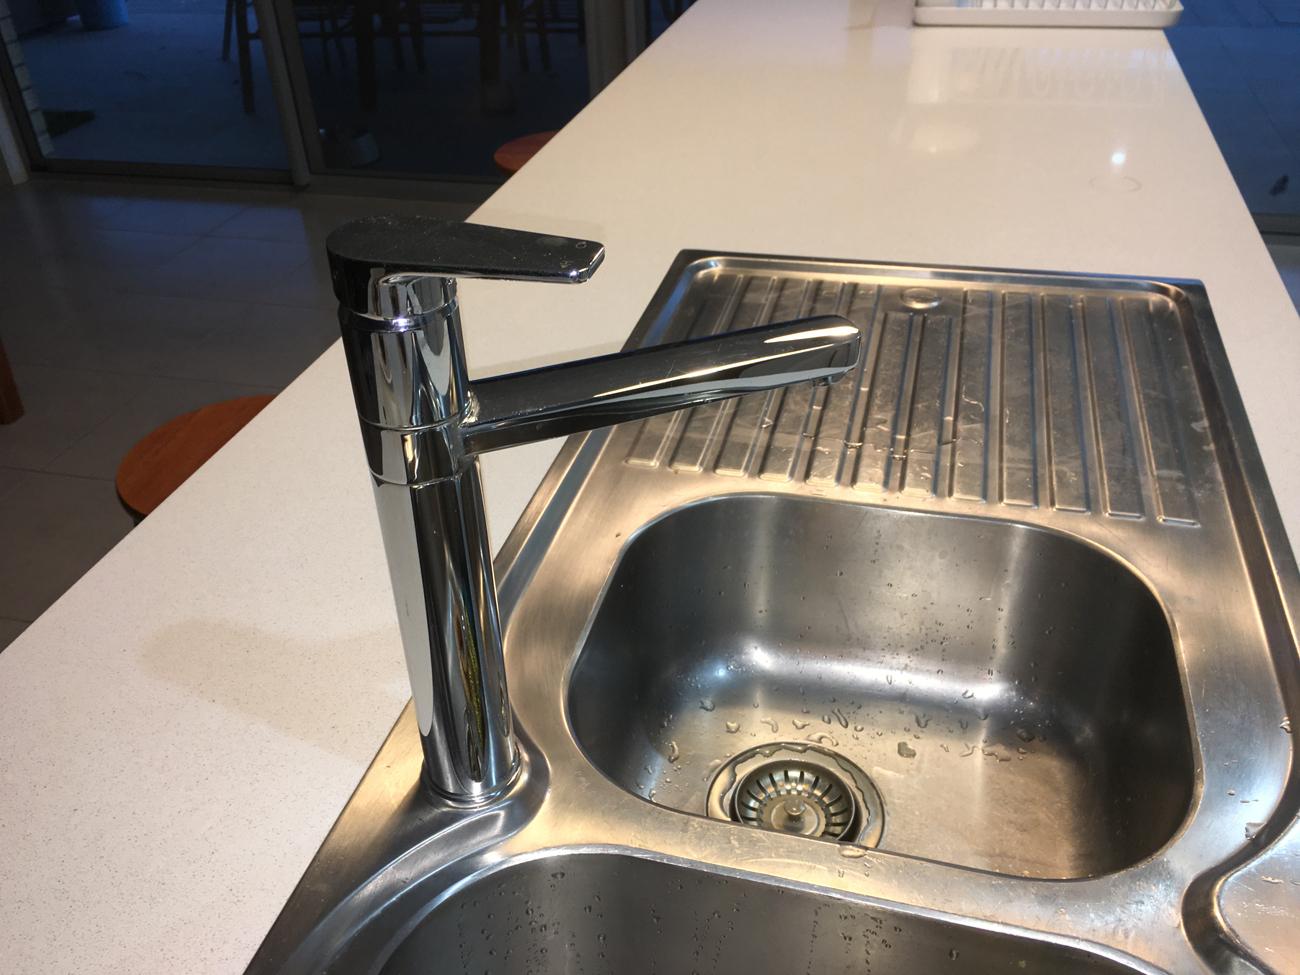 Kitchen Sink Mixer Taps Logan City Plumbing